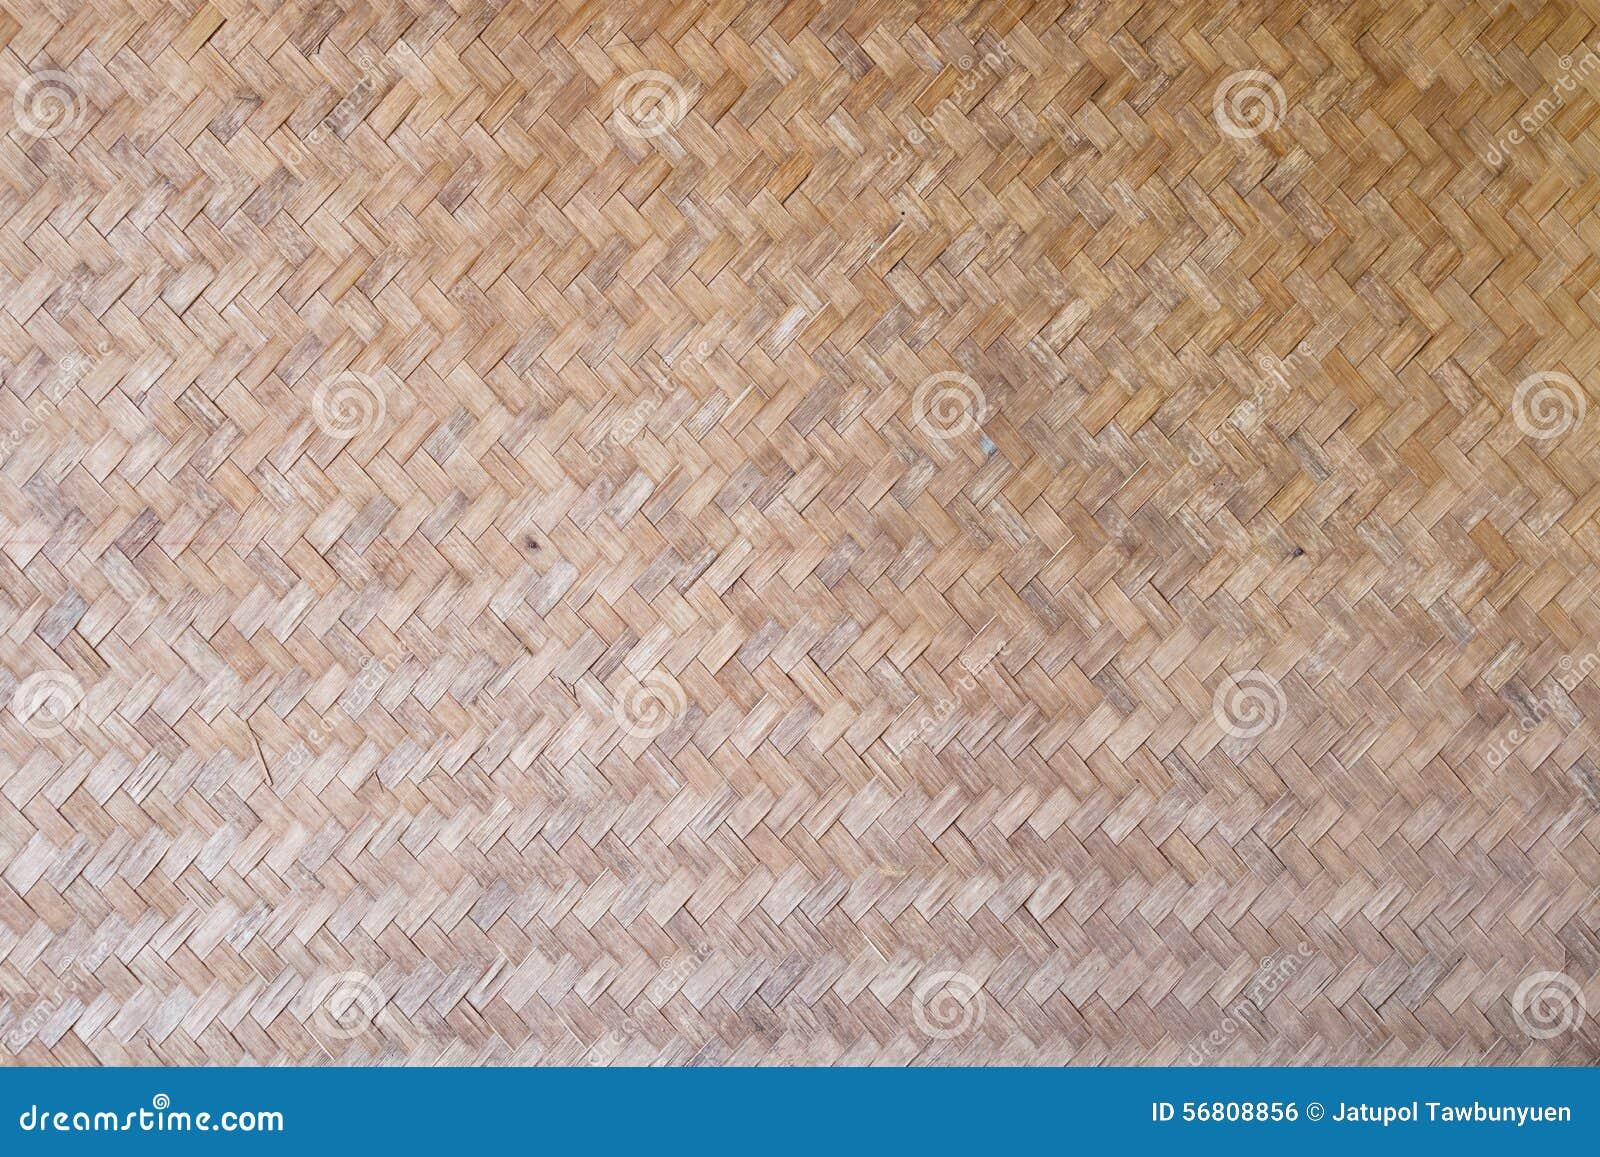 Il reticolo ed il disegno del bambù tailandese di stile handcraft